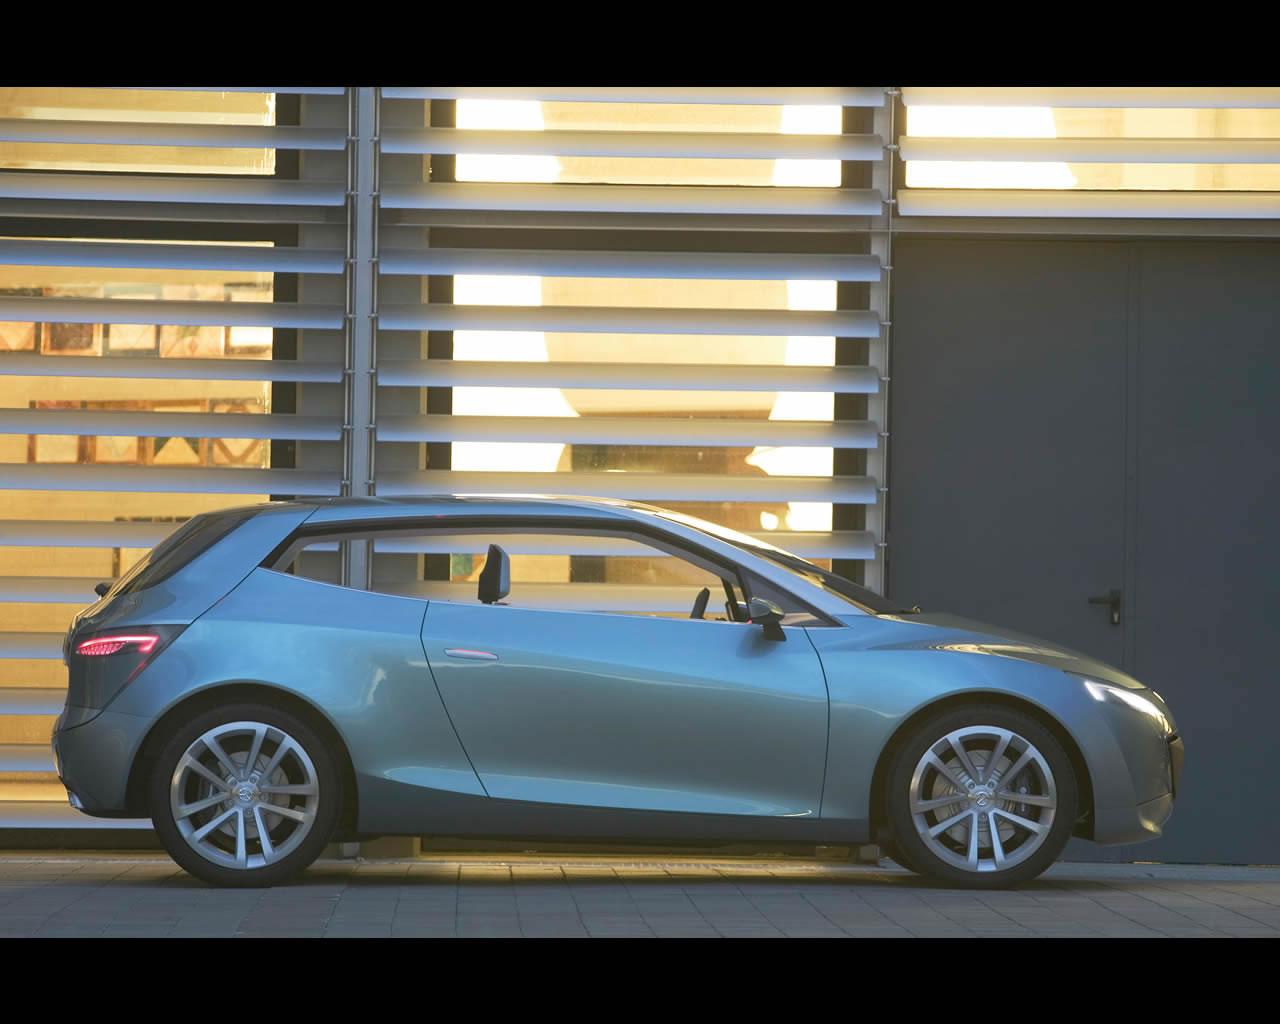 http://autoconcept-reviews.com/cars_reviews/mazda/mazda-sassou/wallpaper/mazda_sassou_2005_015_print.jpg